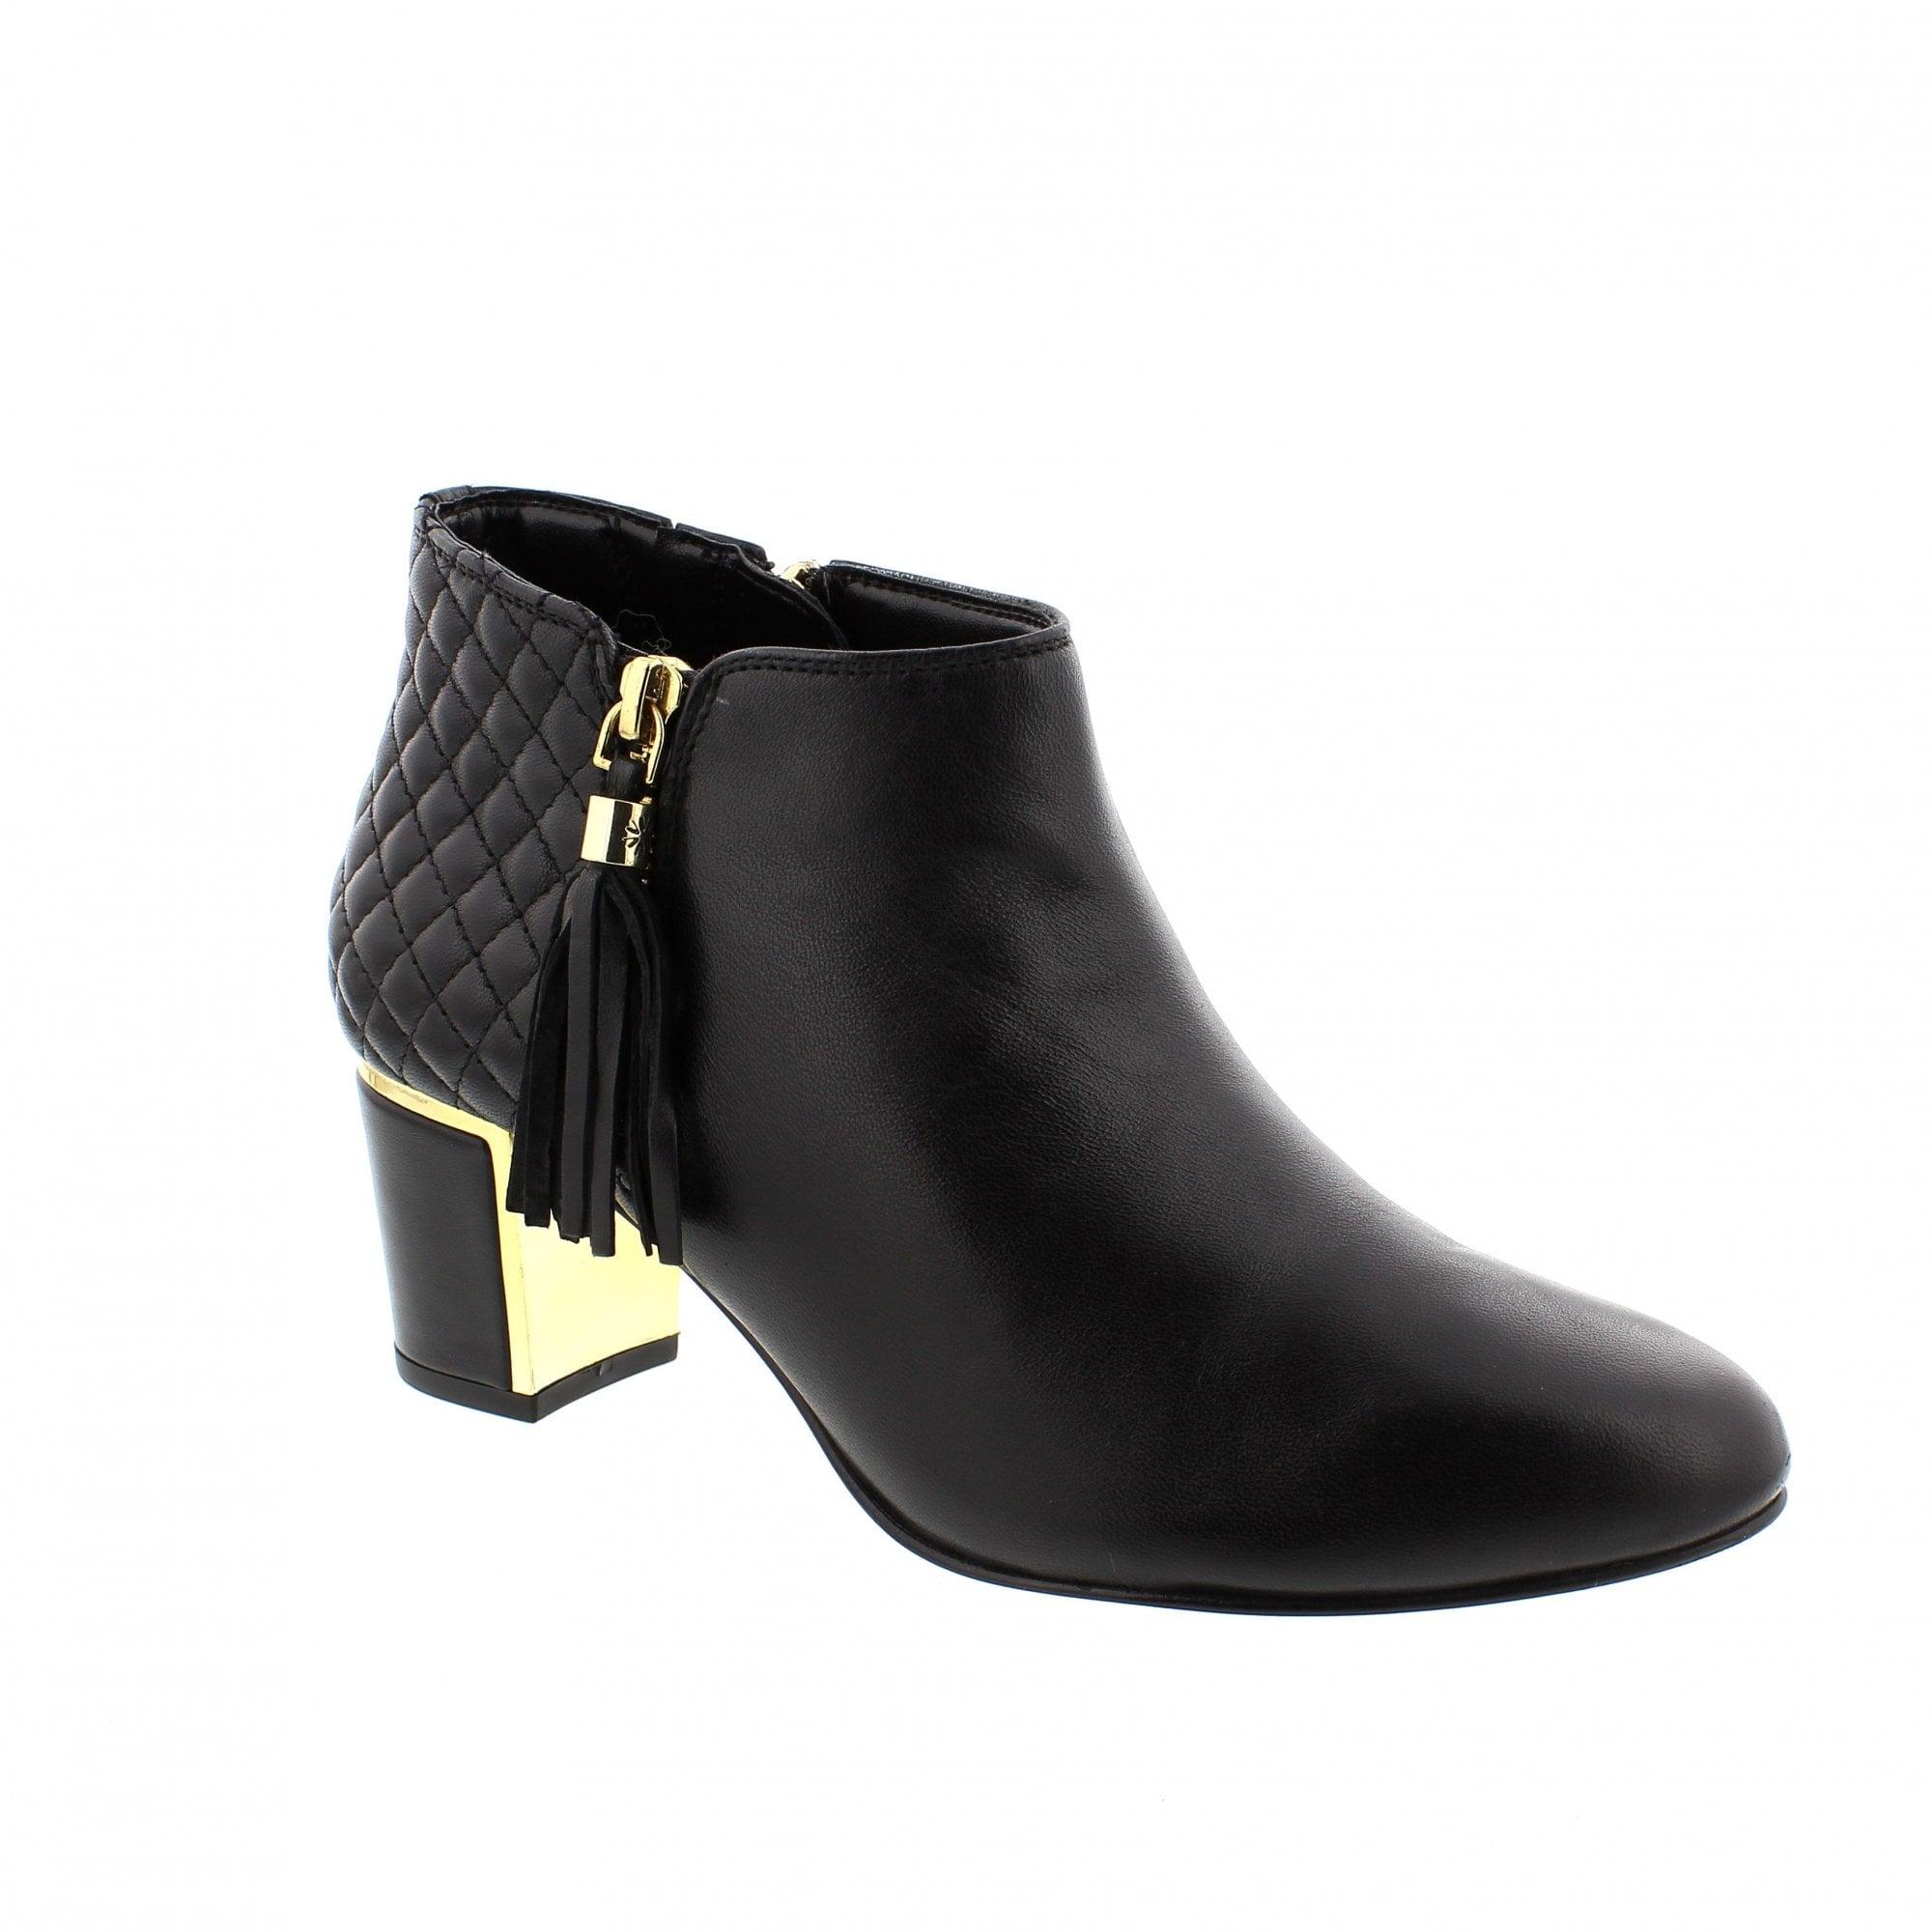 Van Dal Arial III 2911120 Black Leather